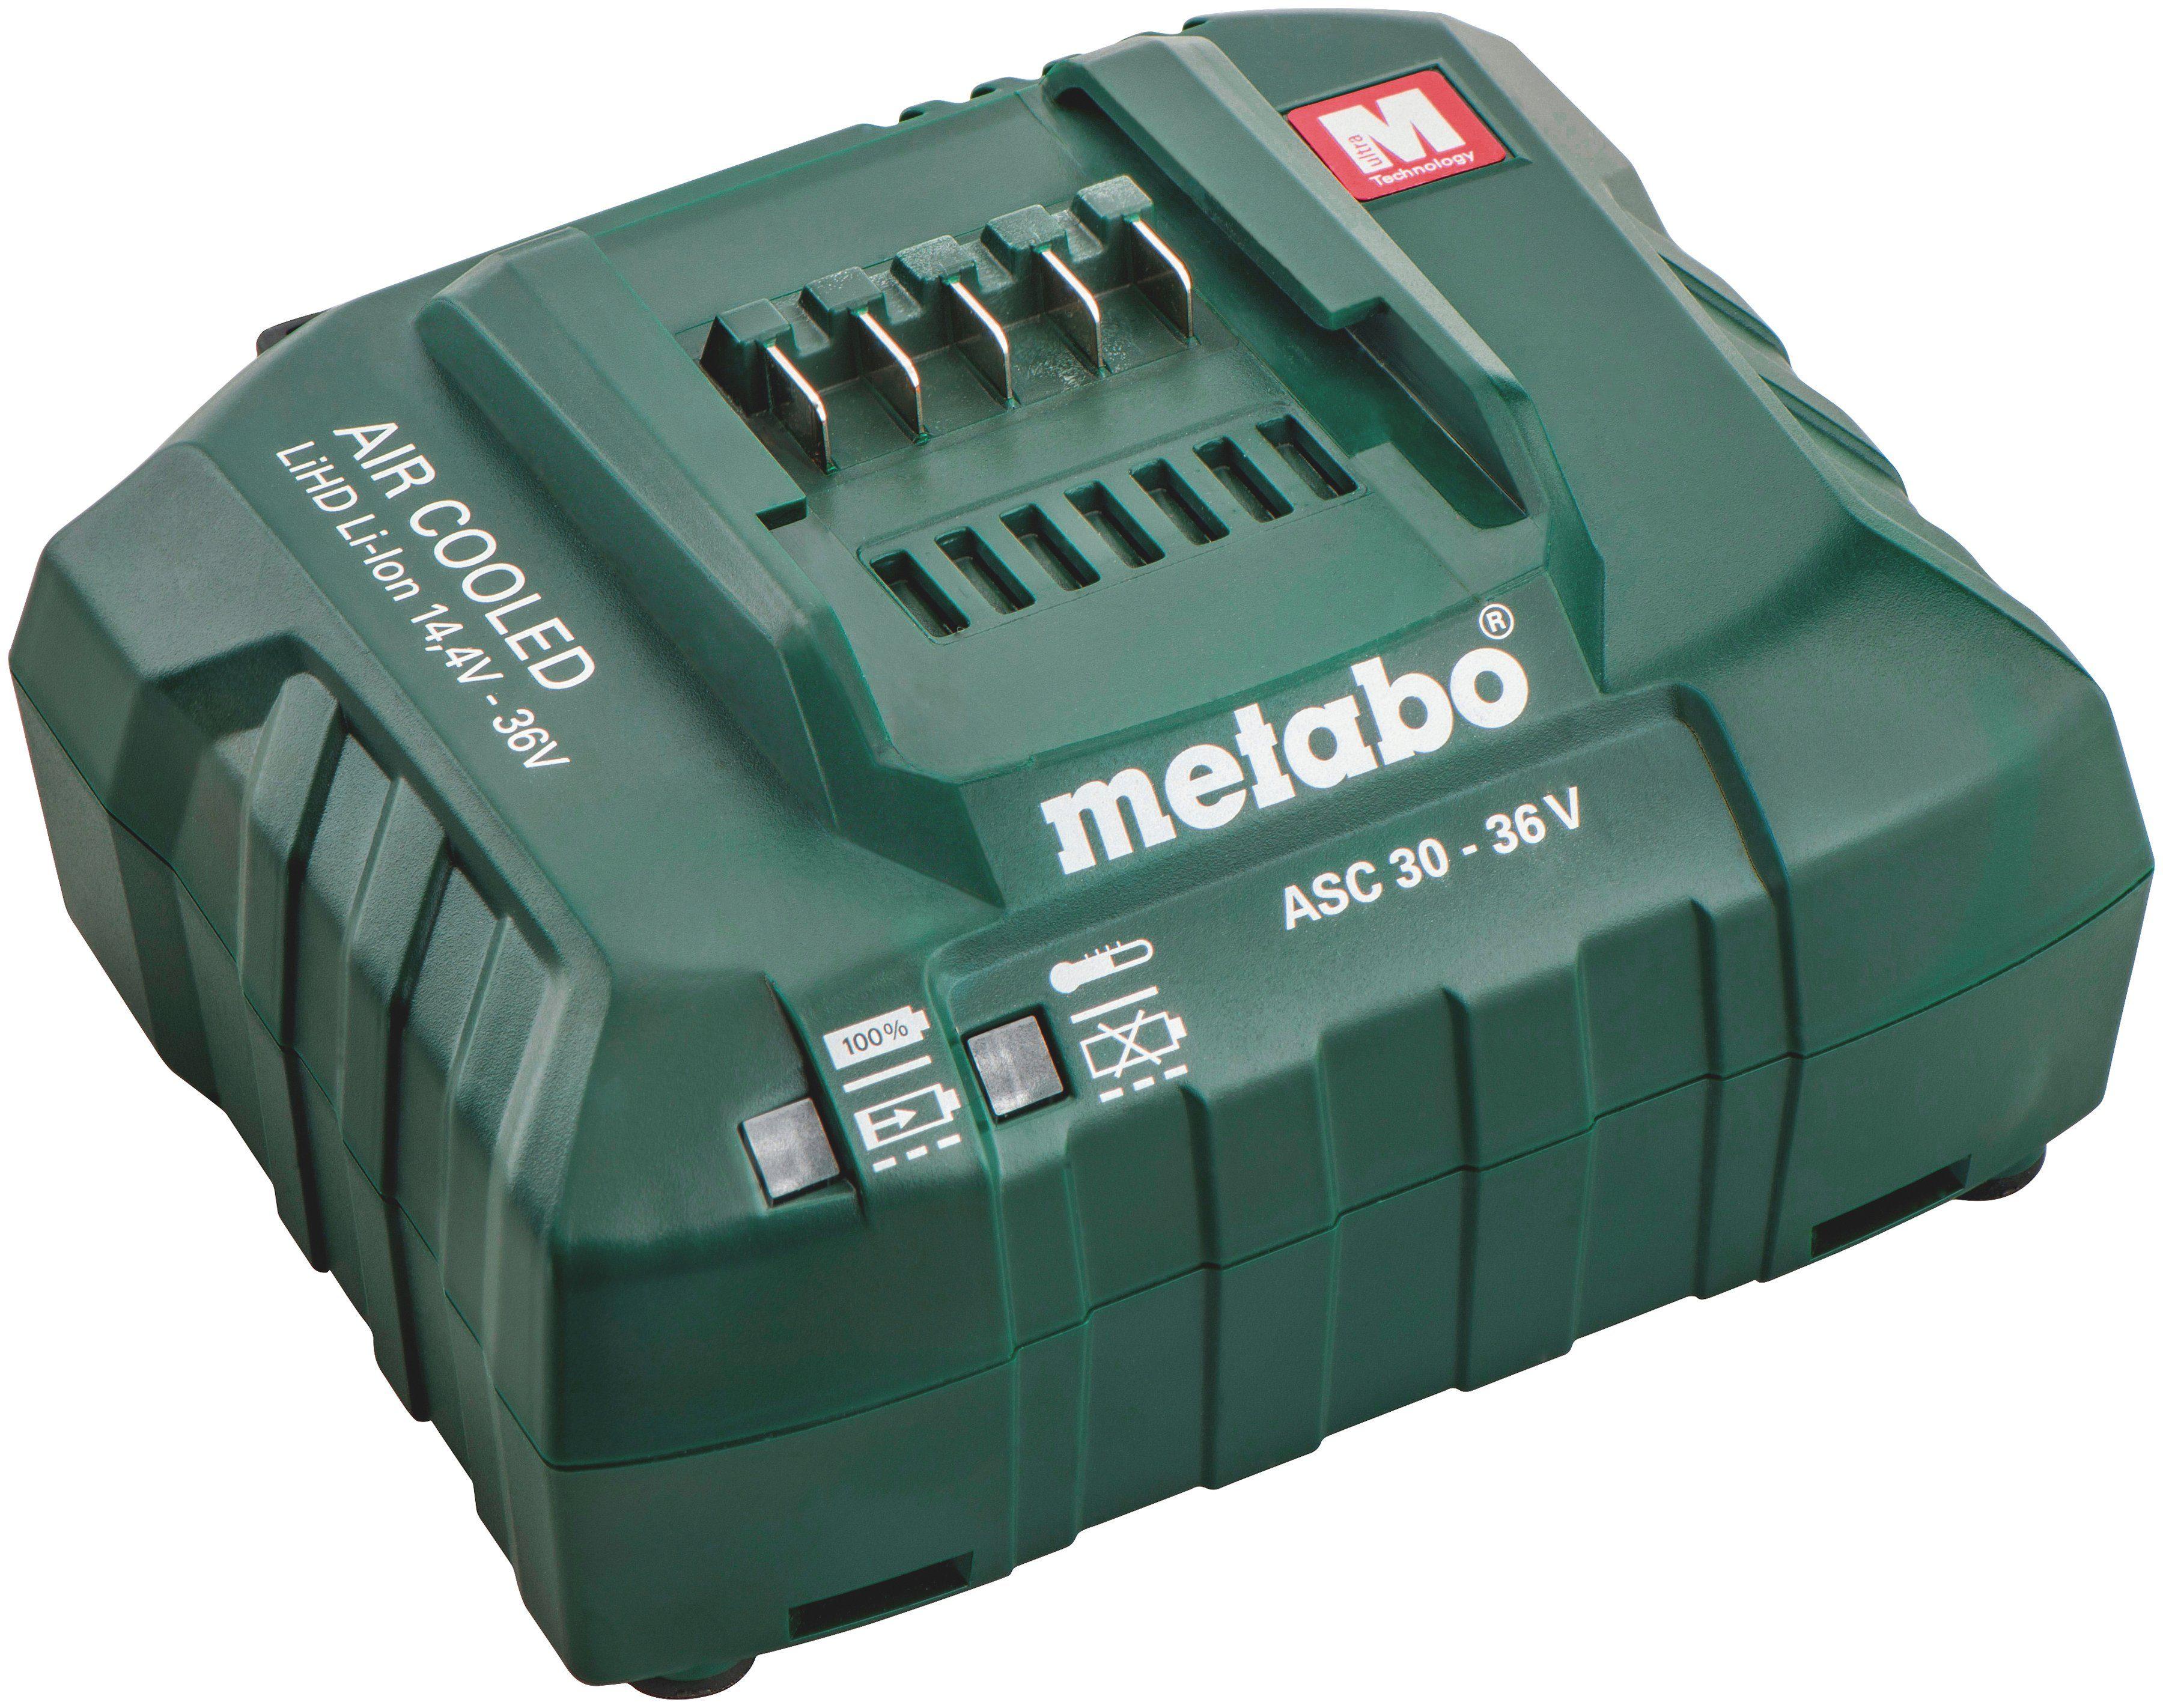 METABO Pick + Mix Serie: Ladegerät »ASC 30-36 V EU, 14,4-36 V«